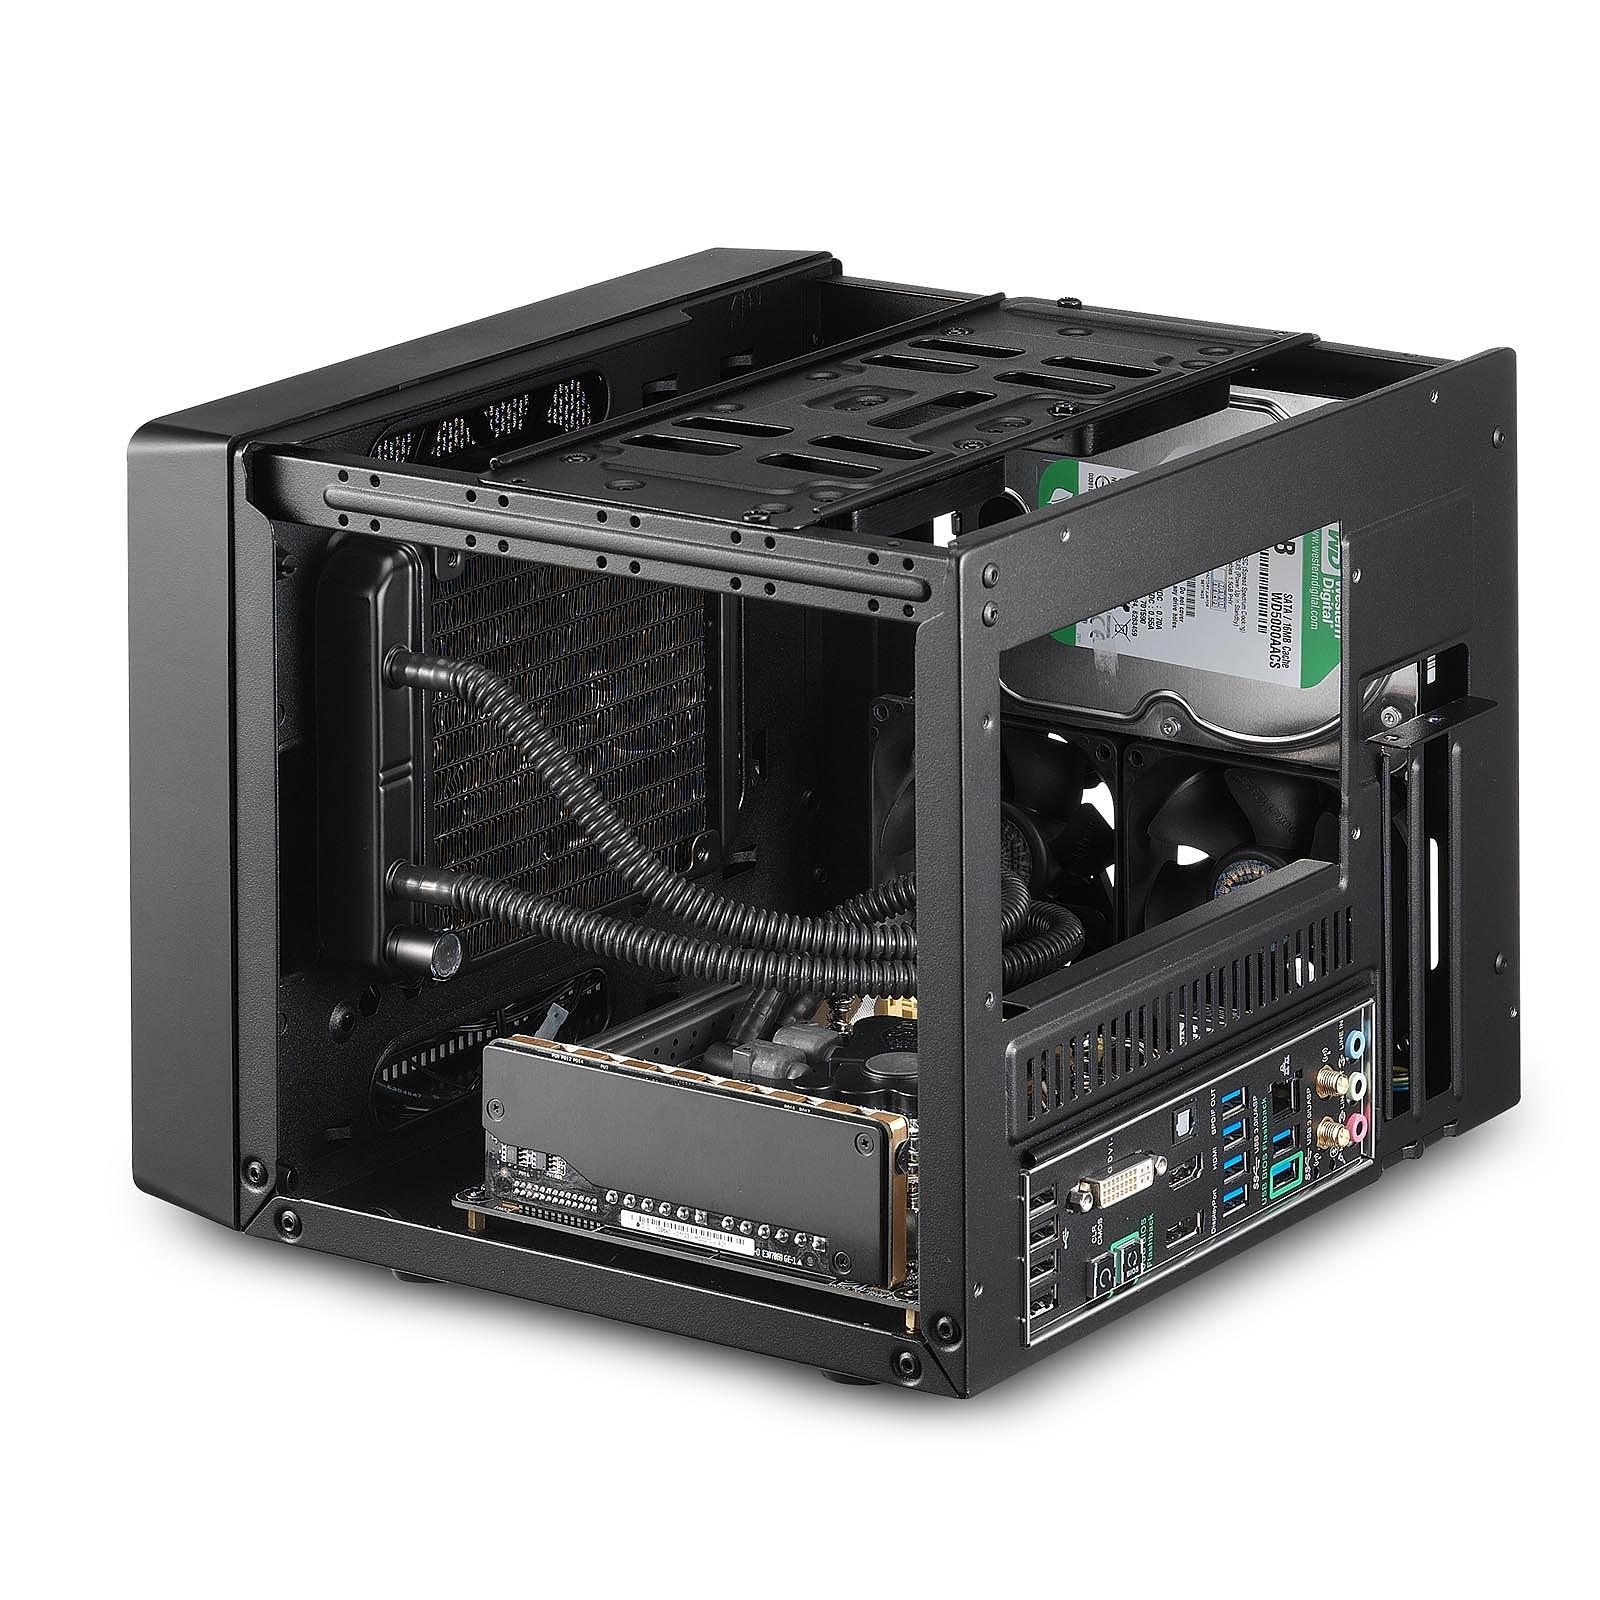 Cooler Master Elite 110A Negro Carcasa de Ordenador Caja de Ordenador PC, Aluminio, De pl/ástico, Acero, Mini-ITX, Negro, Hogar//Oficina, 7,6 cm